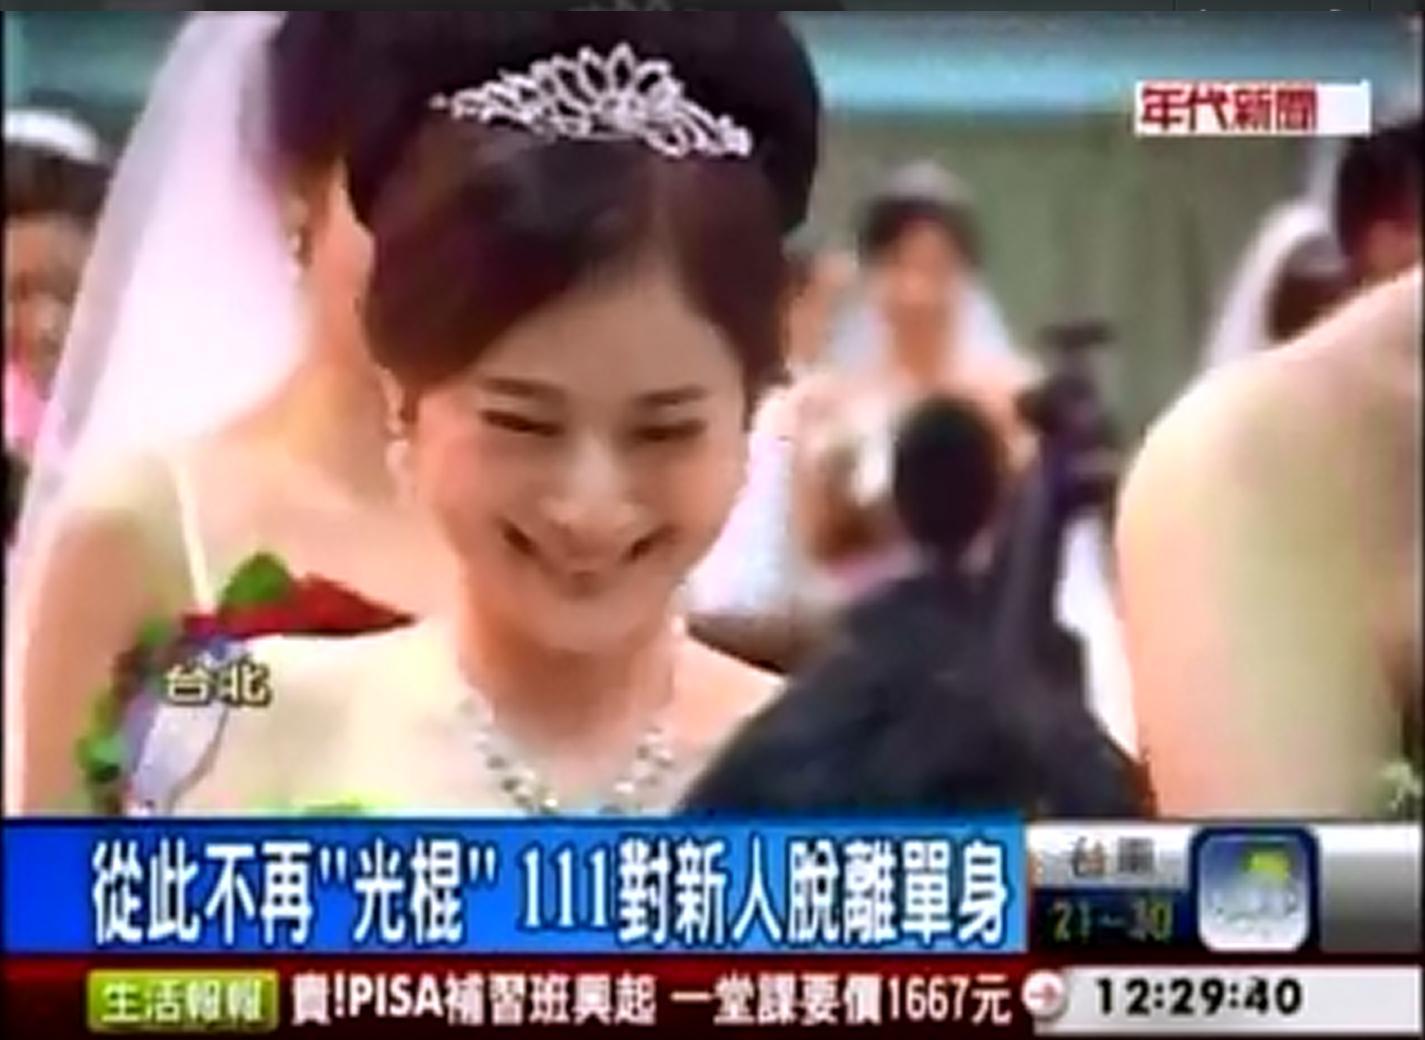 赫本包頭~Kathy - --夢の花嫁-- 基隆桃園臺北新秘慧如